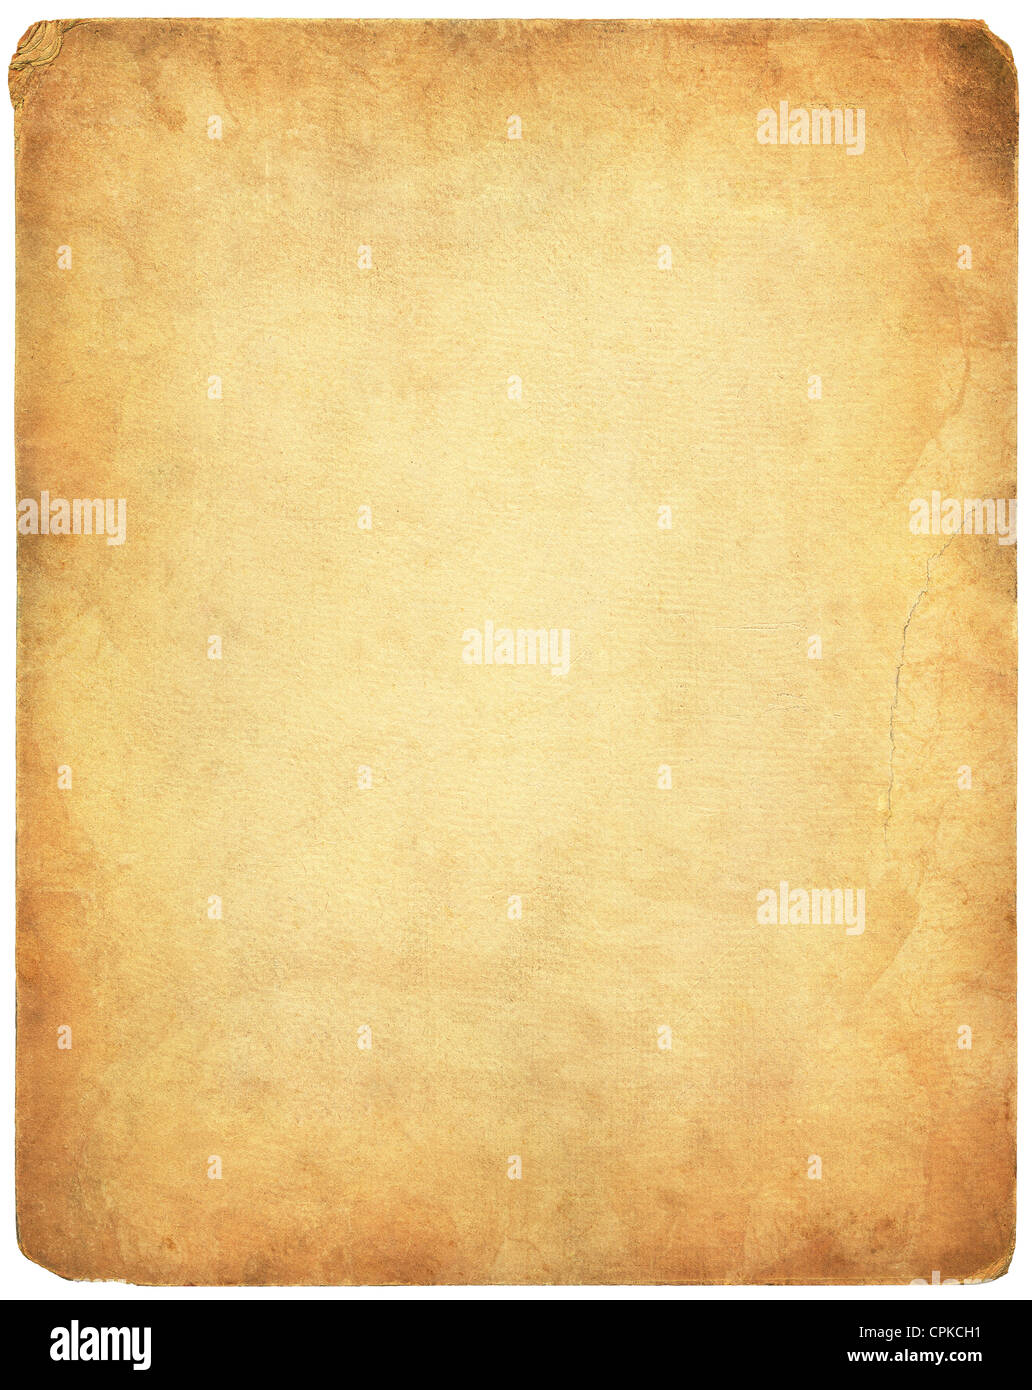 Old vintage paper background - Stock Image